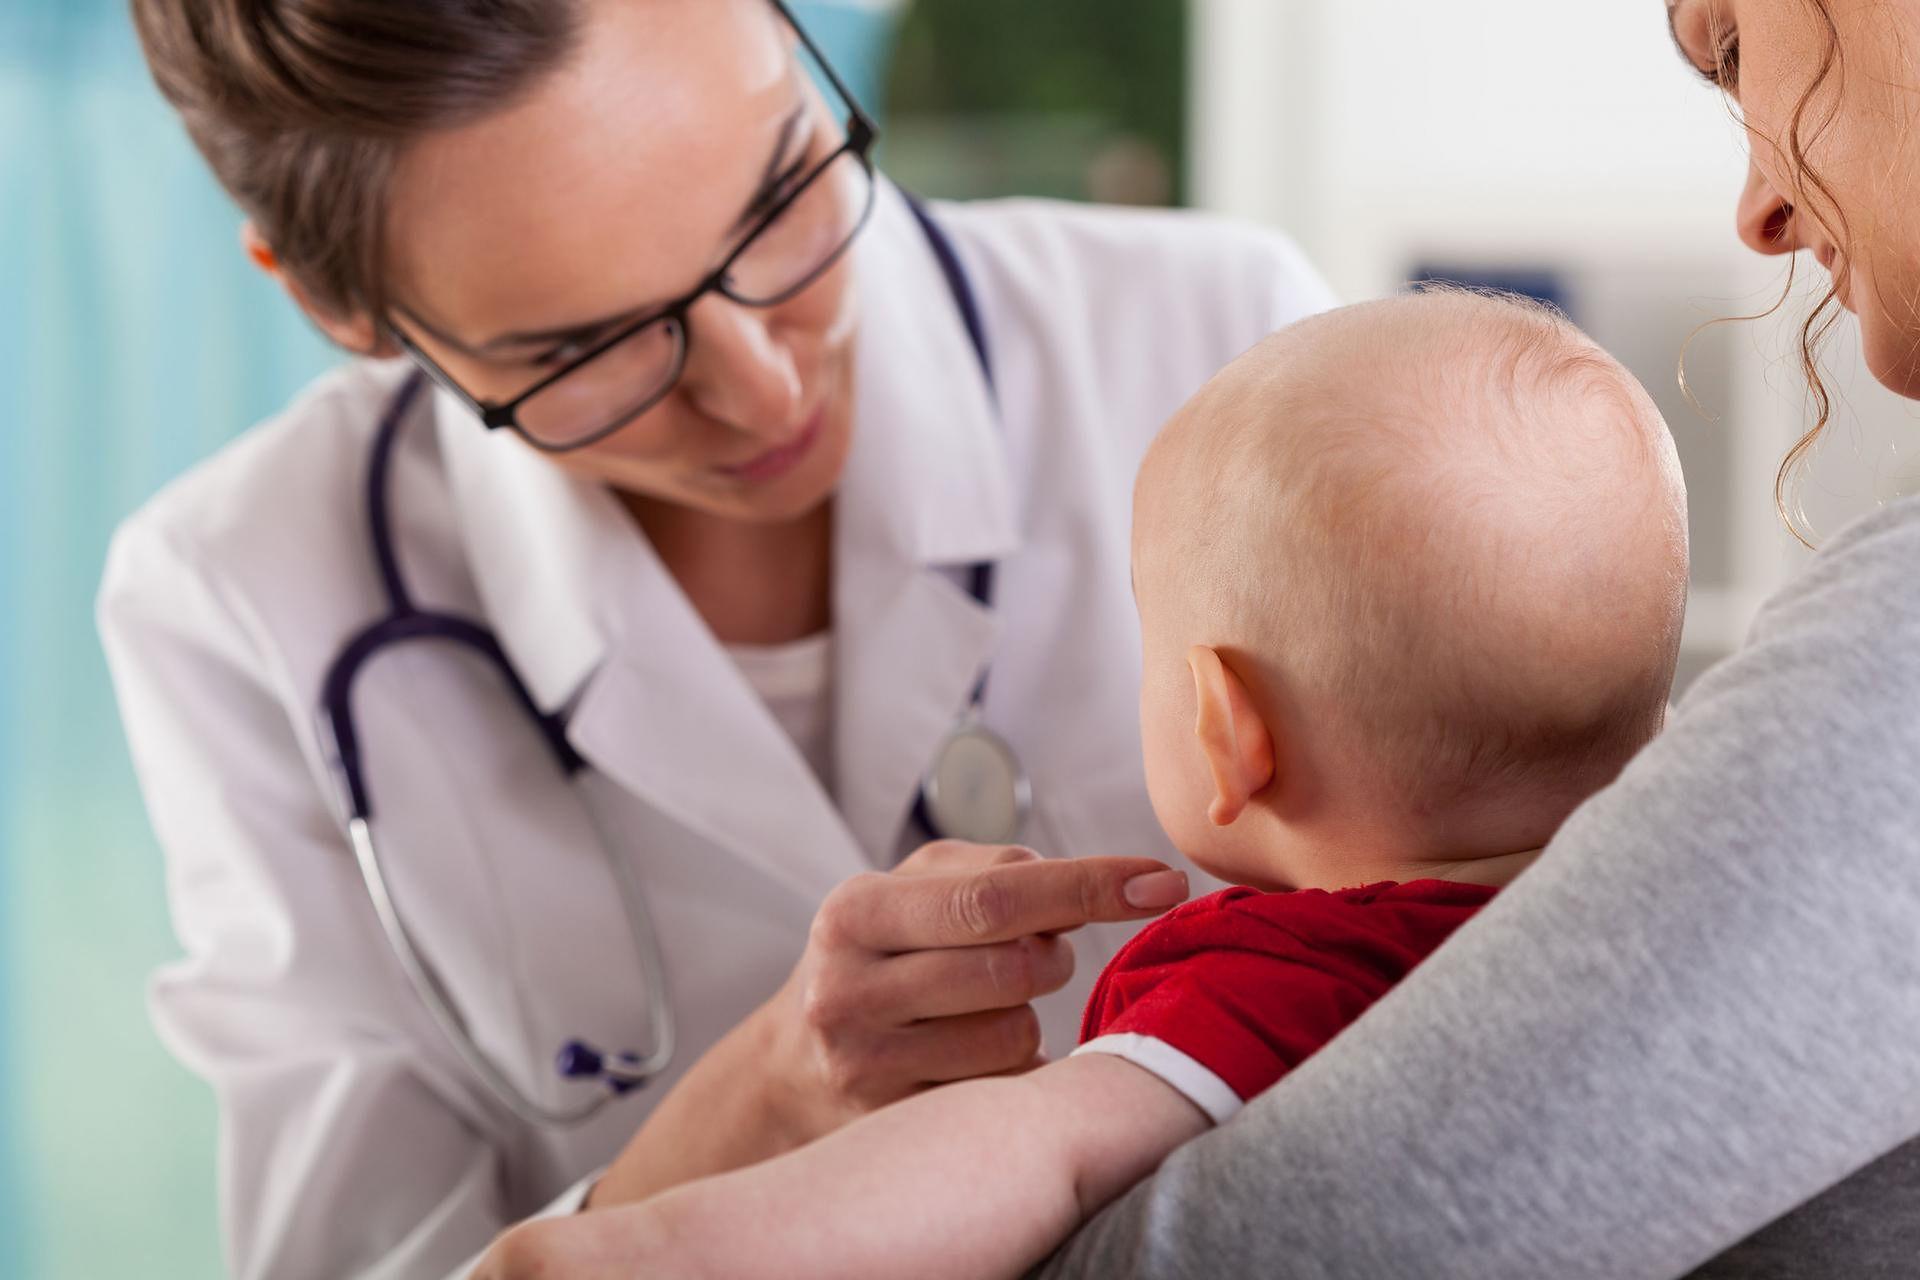 Специалист осматривает младенца